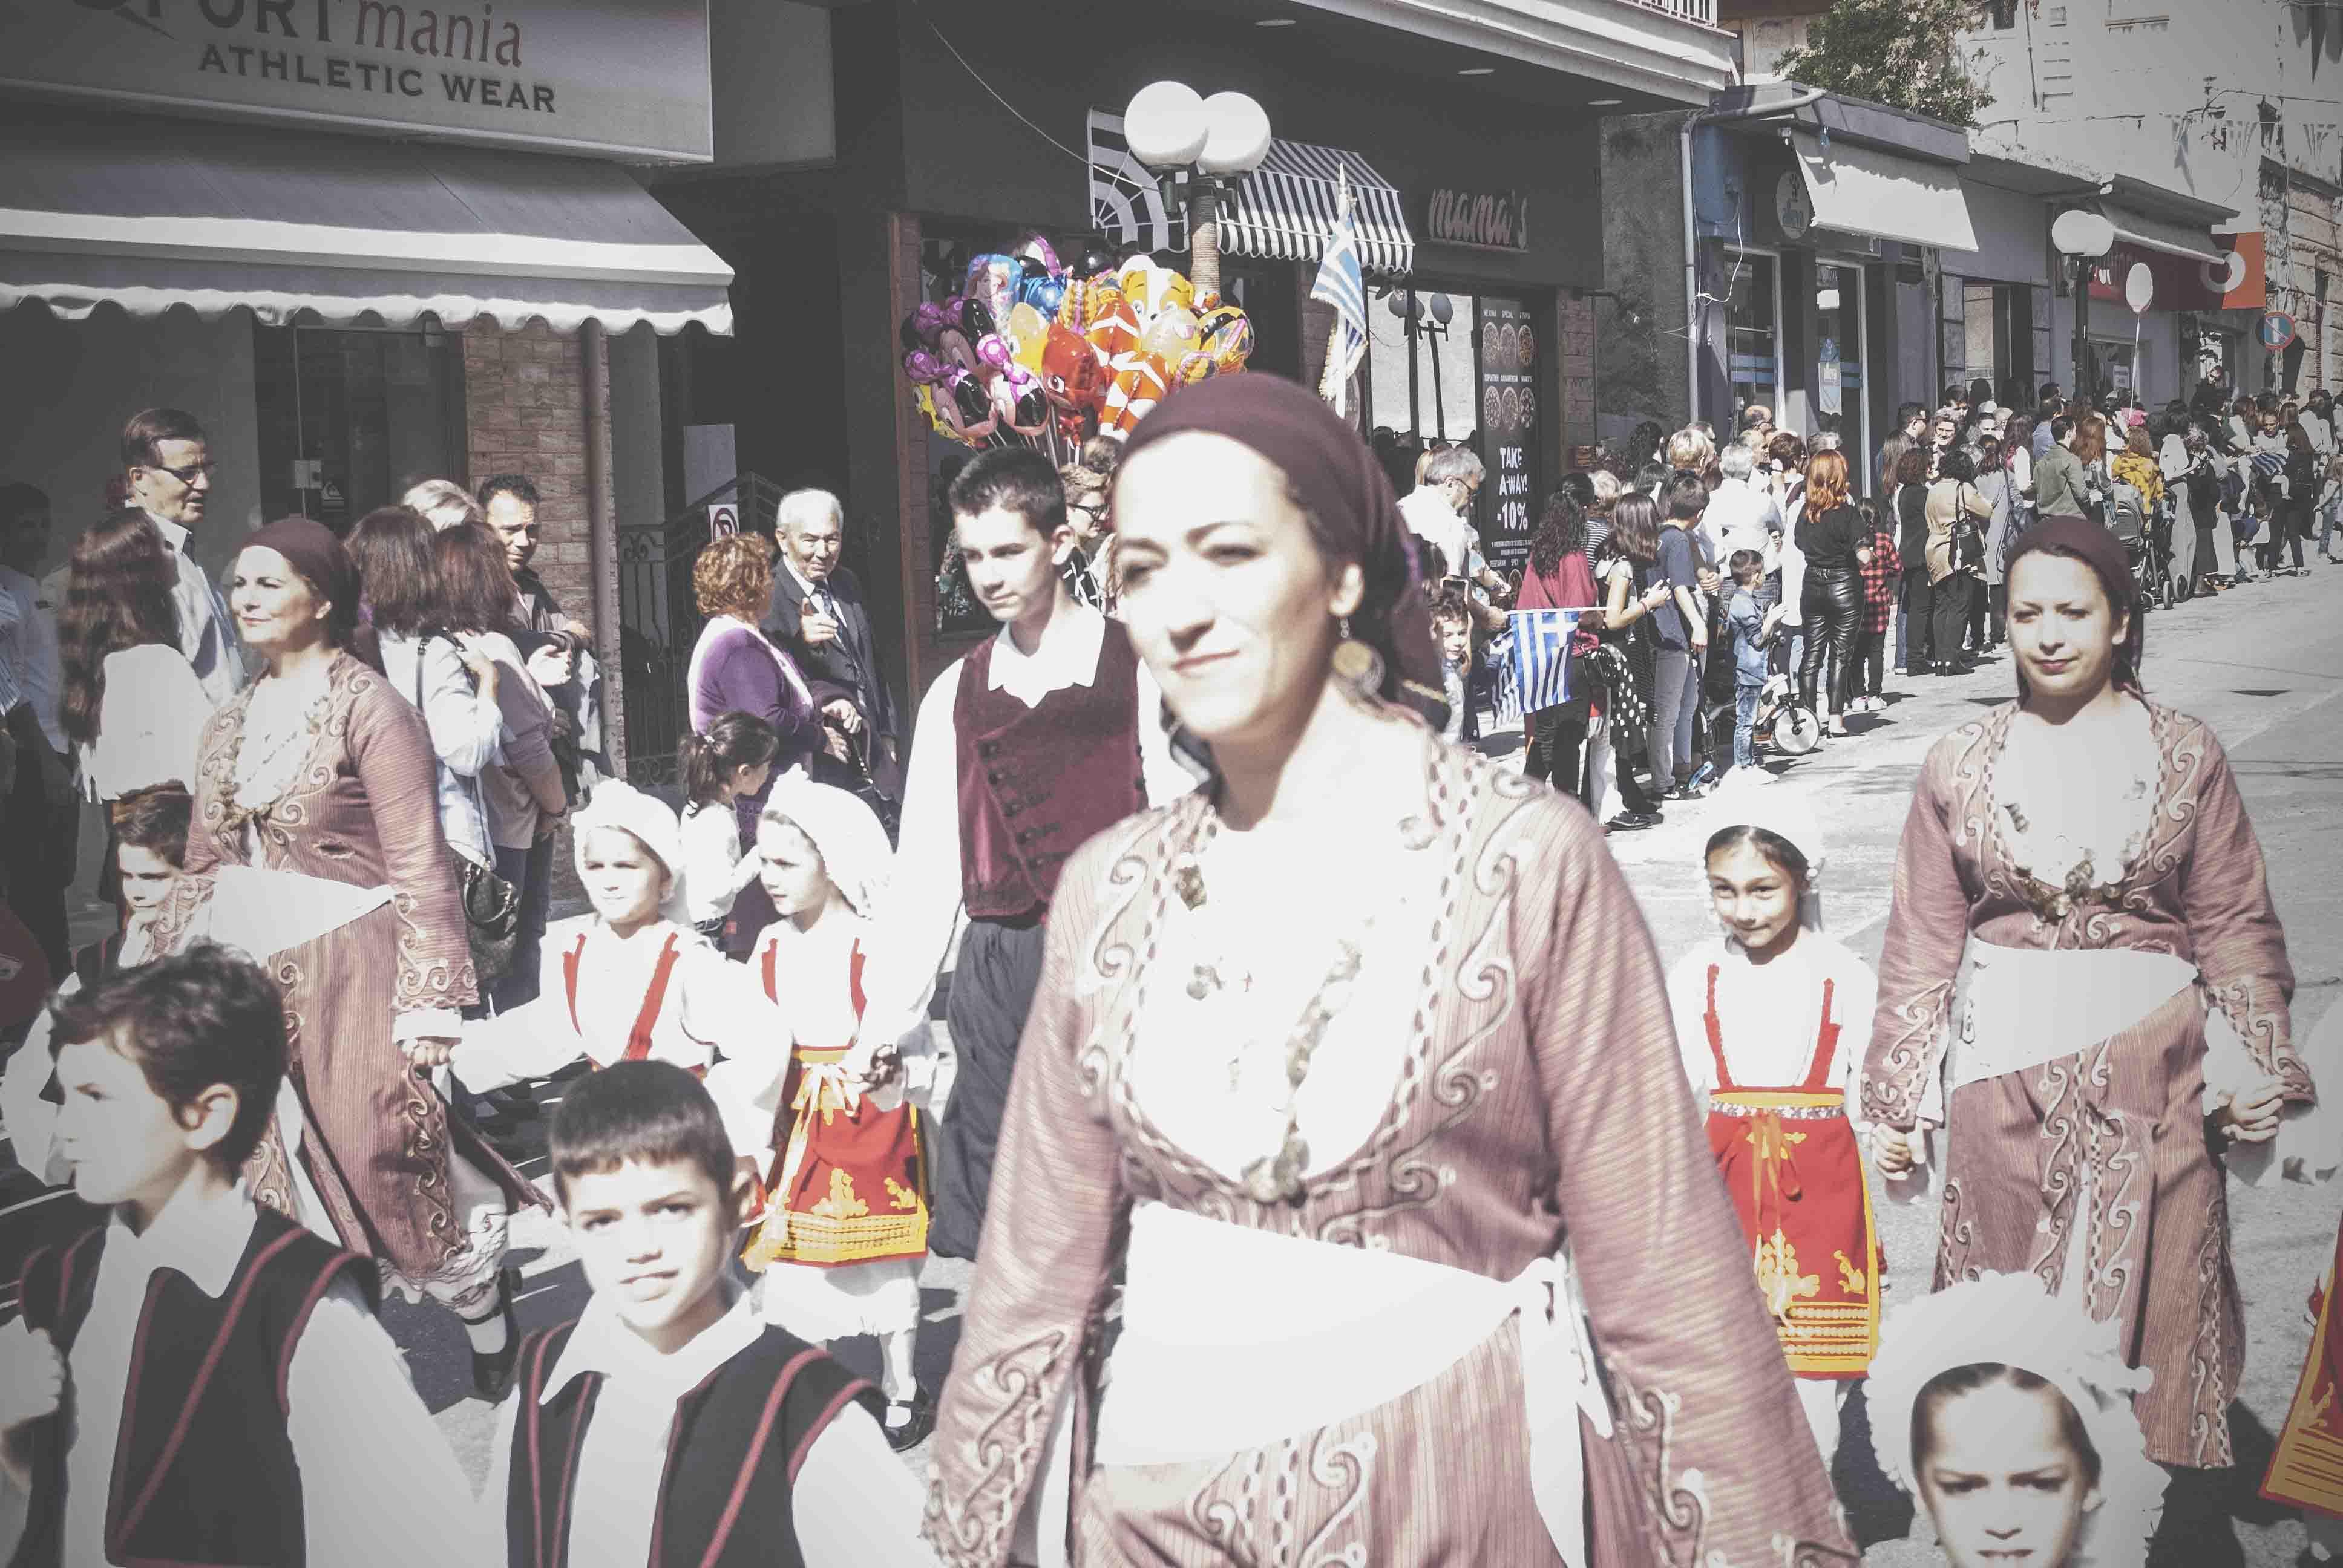 Η παρέλαση της 28ης Οκτωβρίου σε Καστέλλα και Ψαχνά (φωτό) DSC 0335